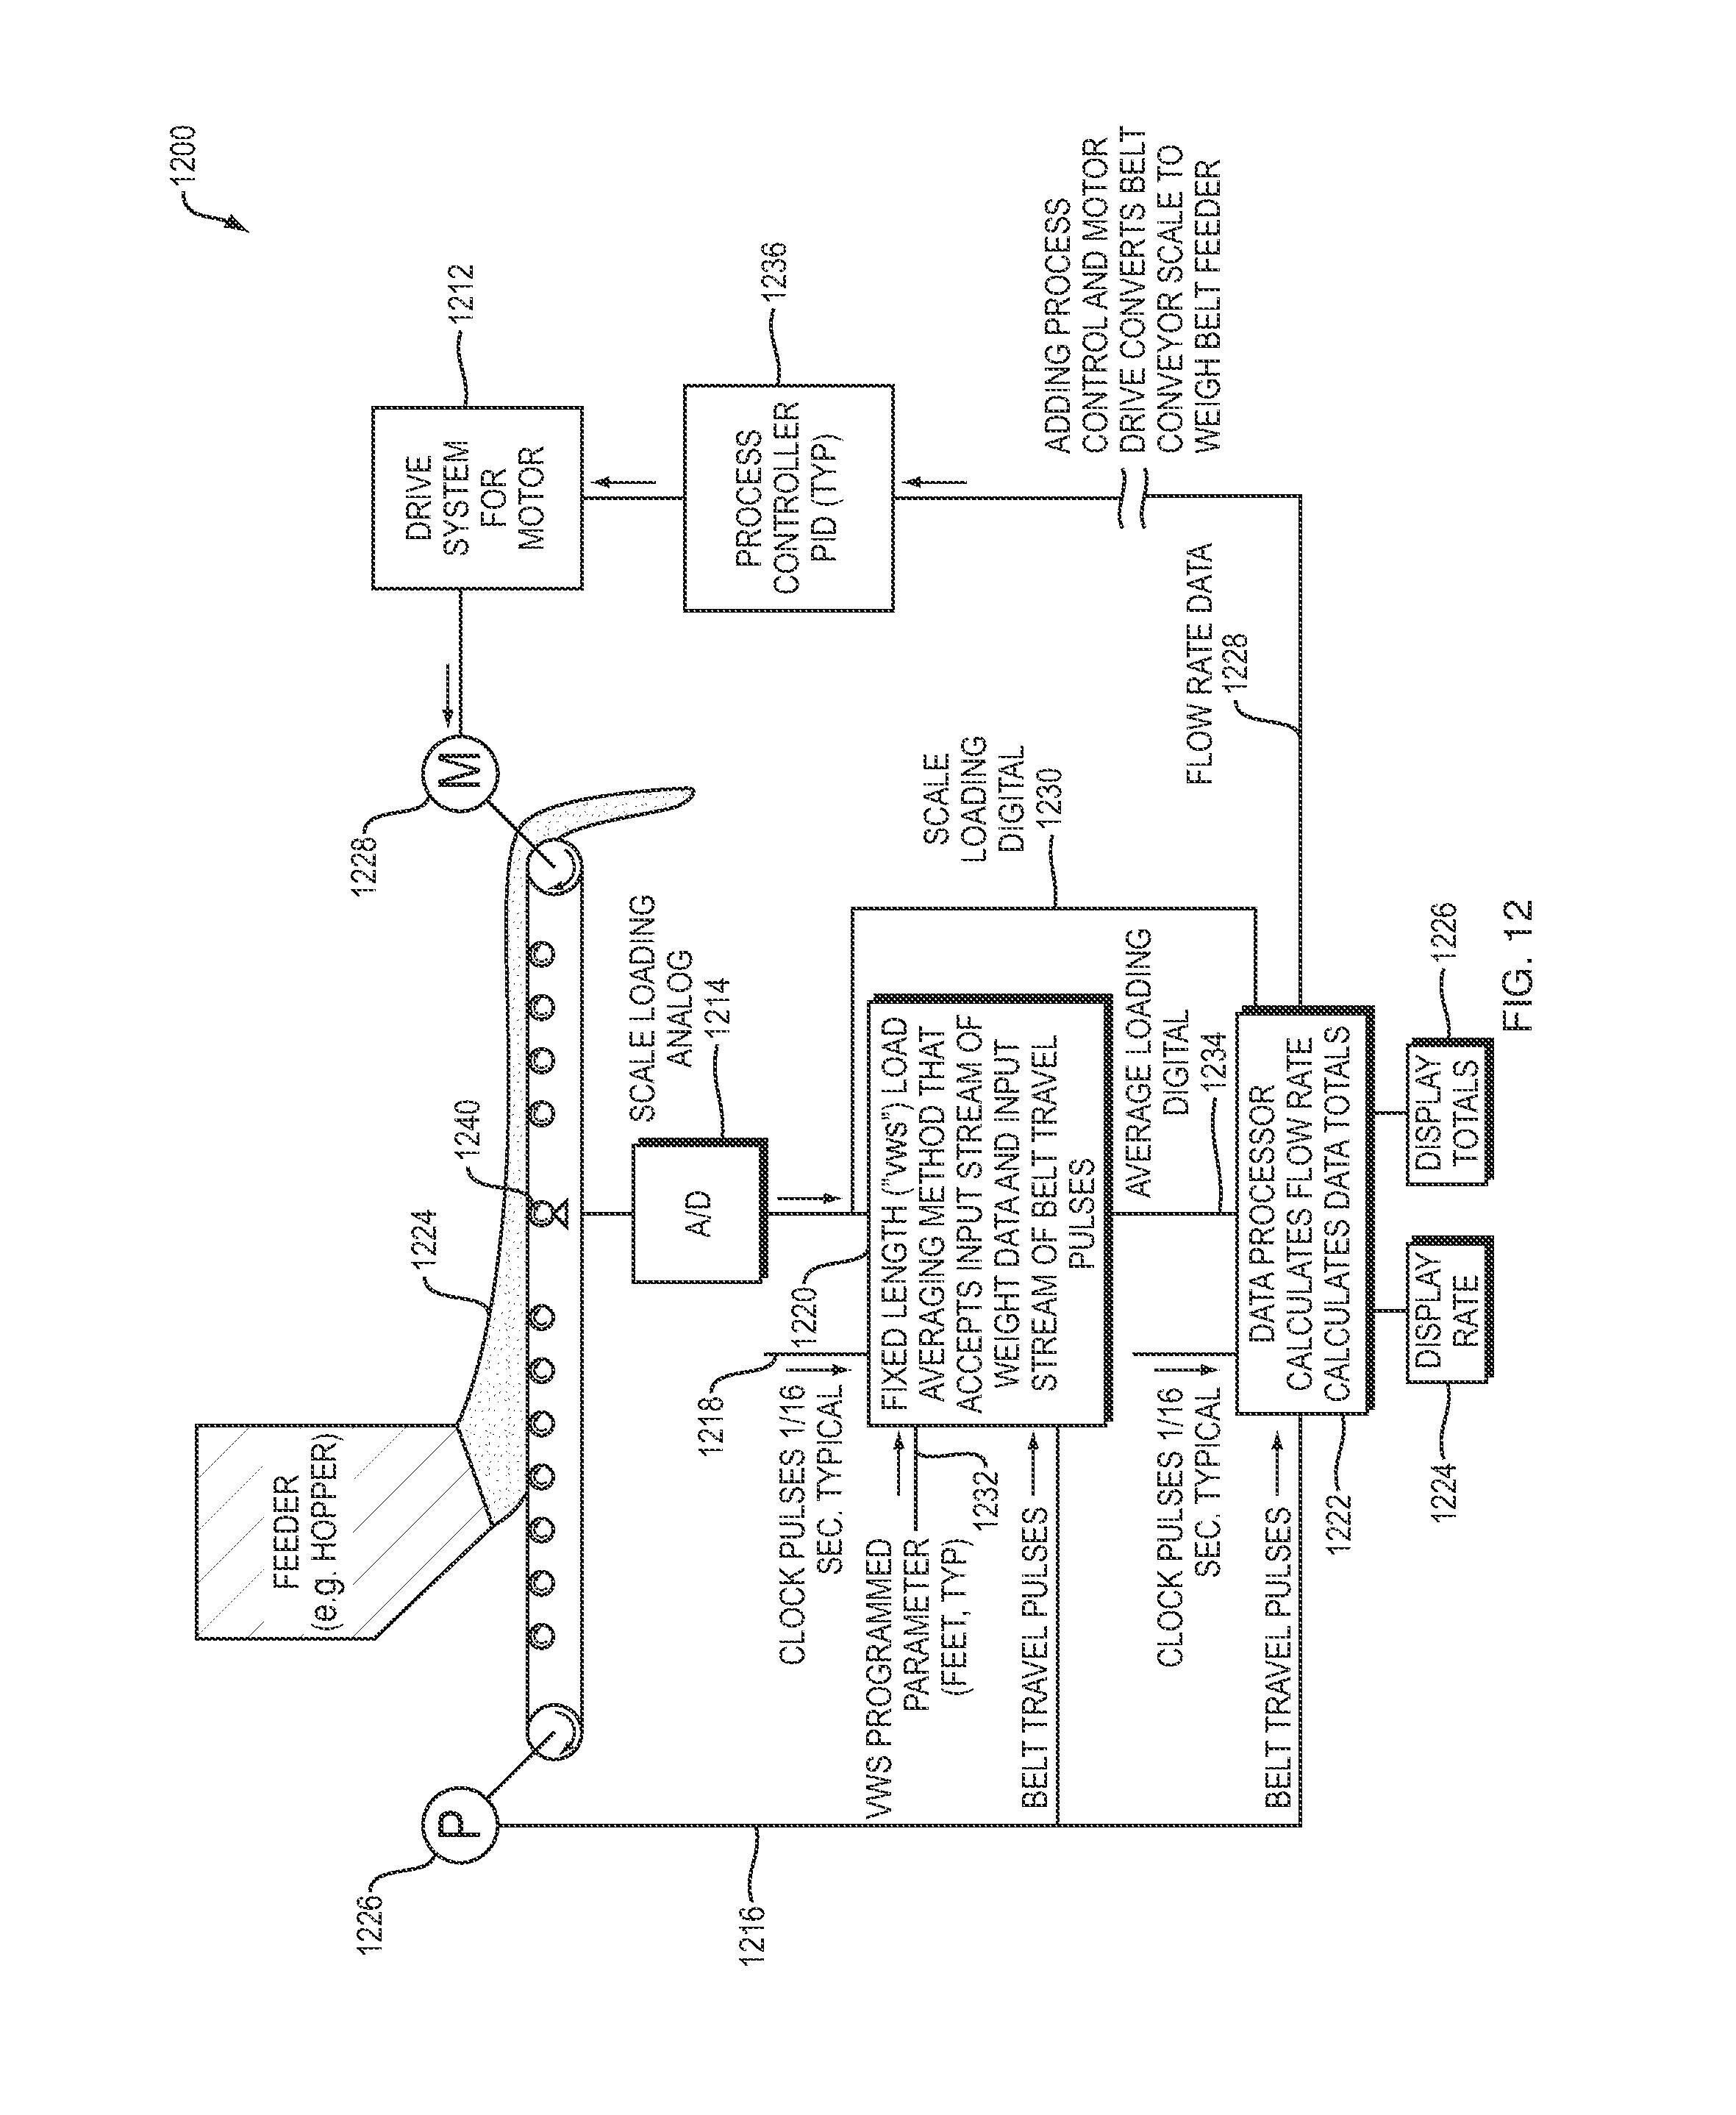 patent us20140062709